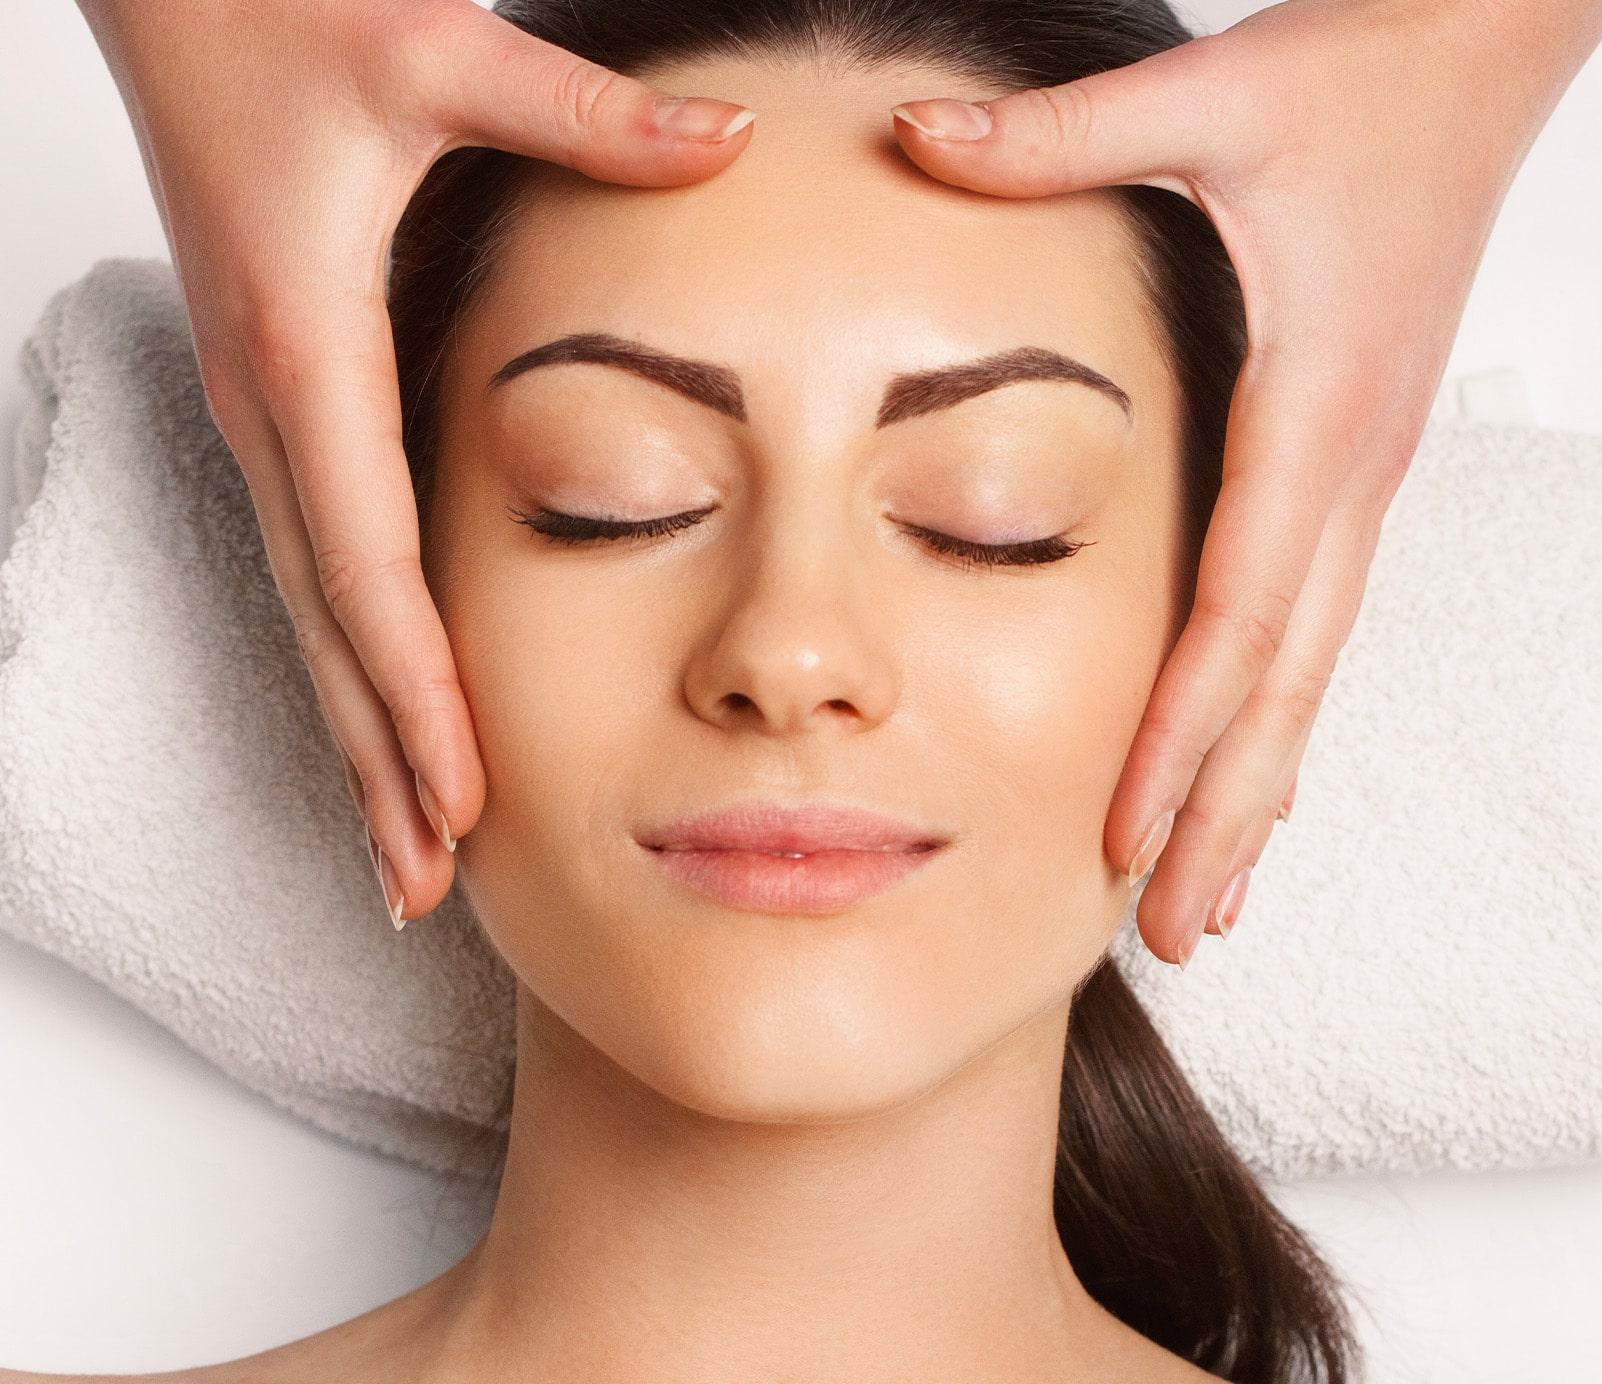 Massage visage : soins du visage   découvrez le prix de cette technique à Paris   BCBG